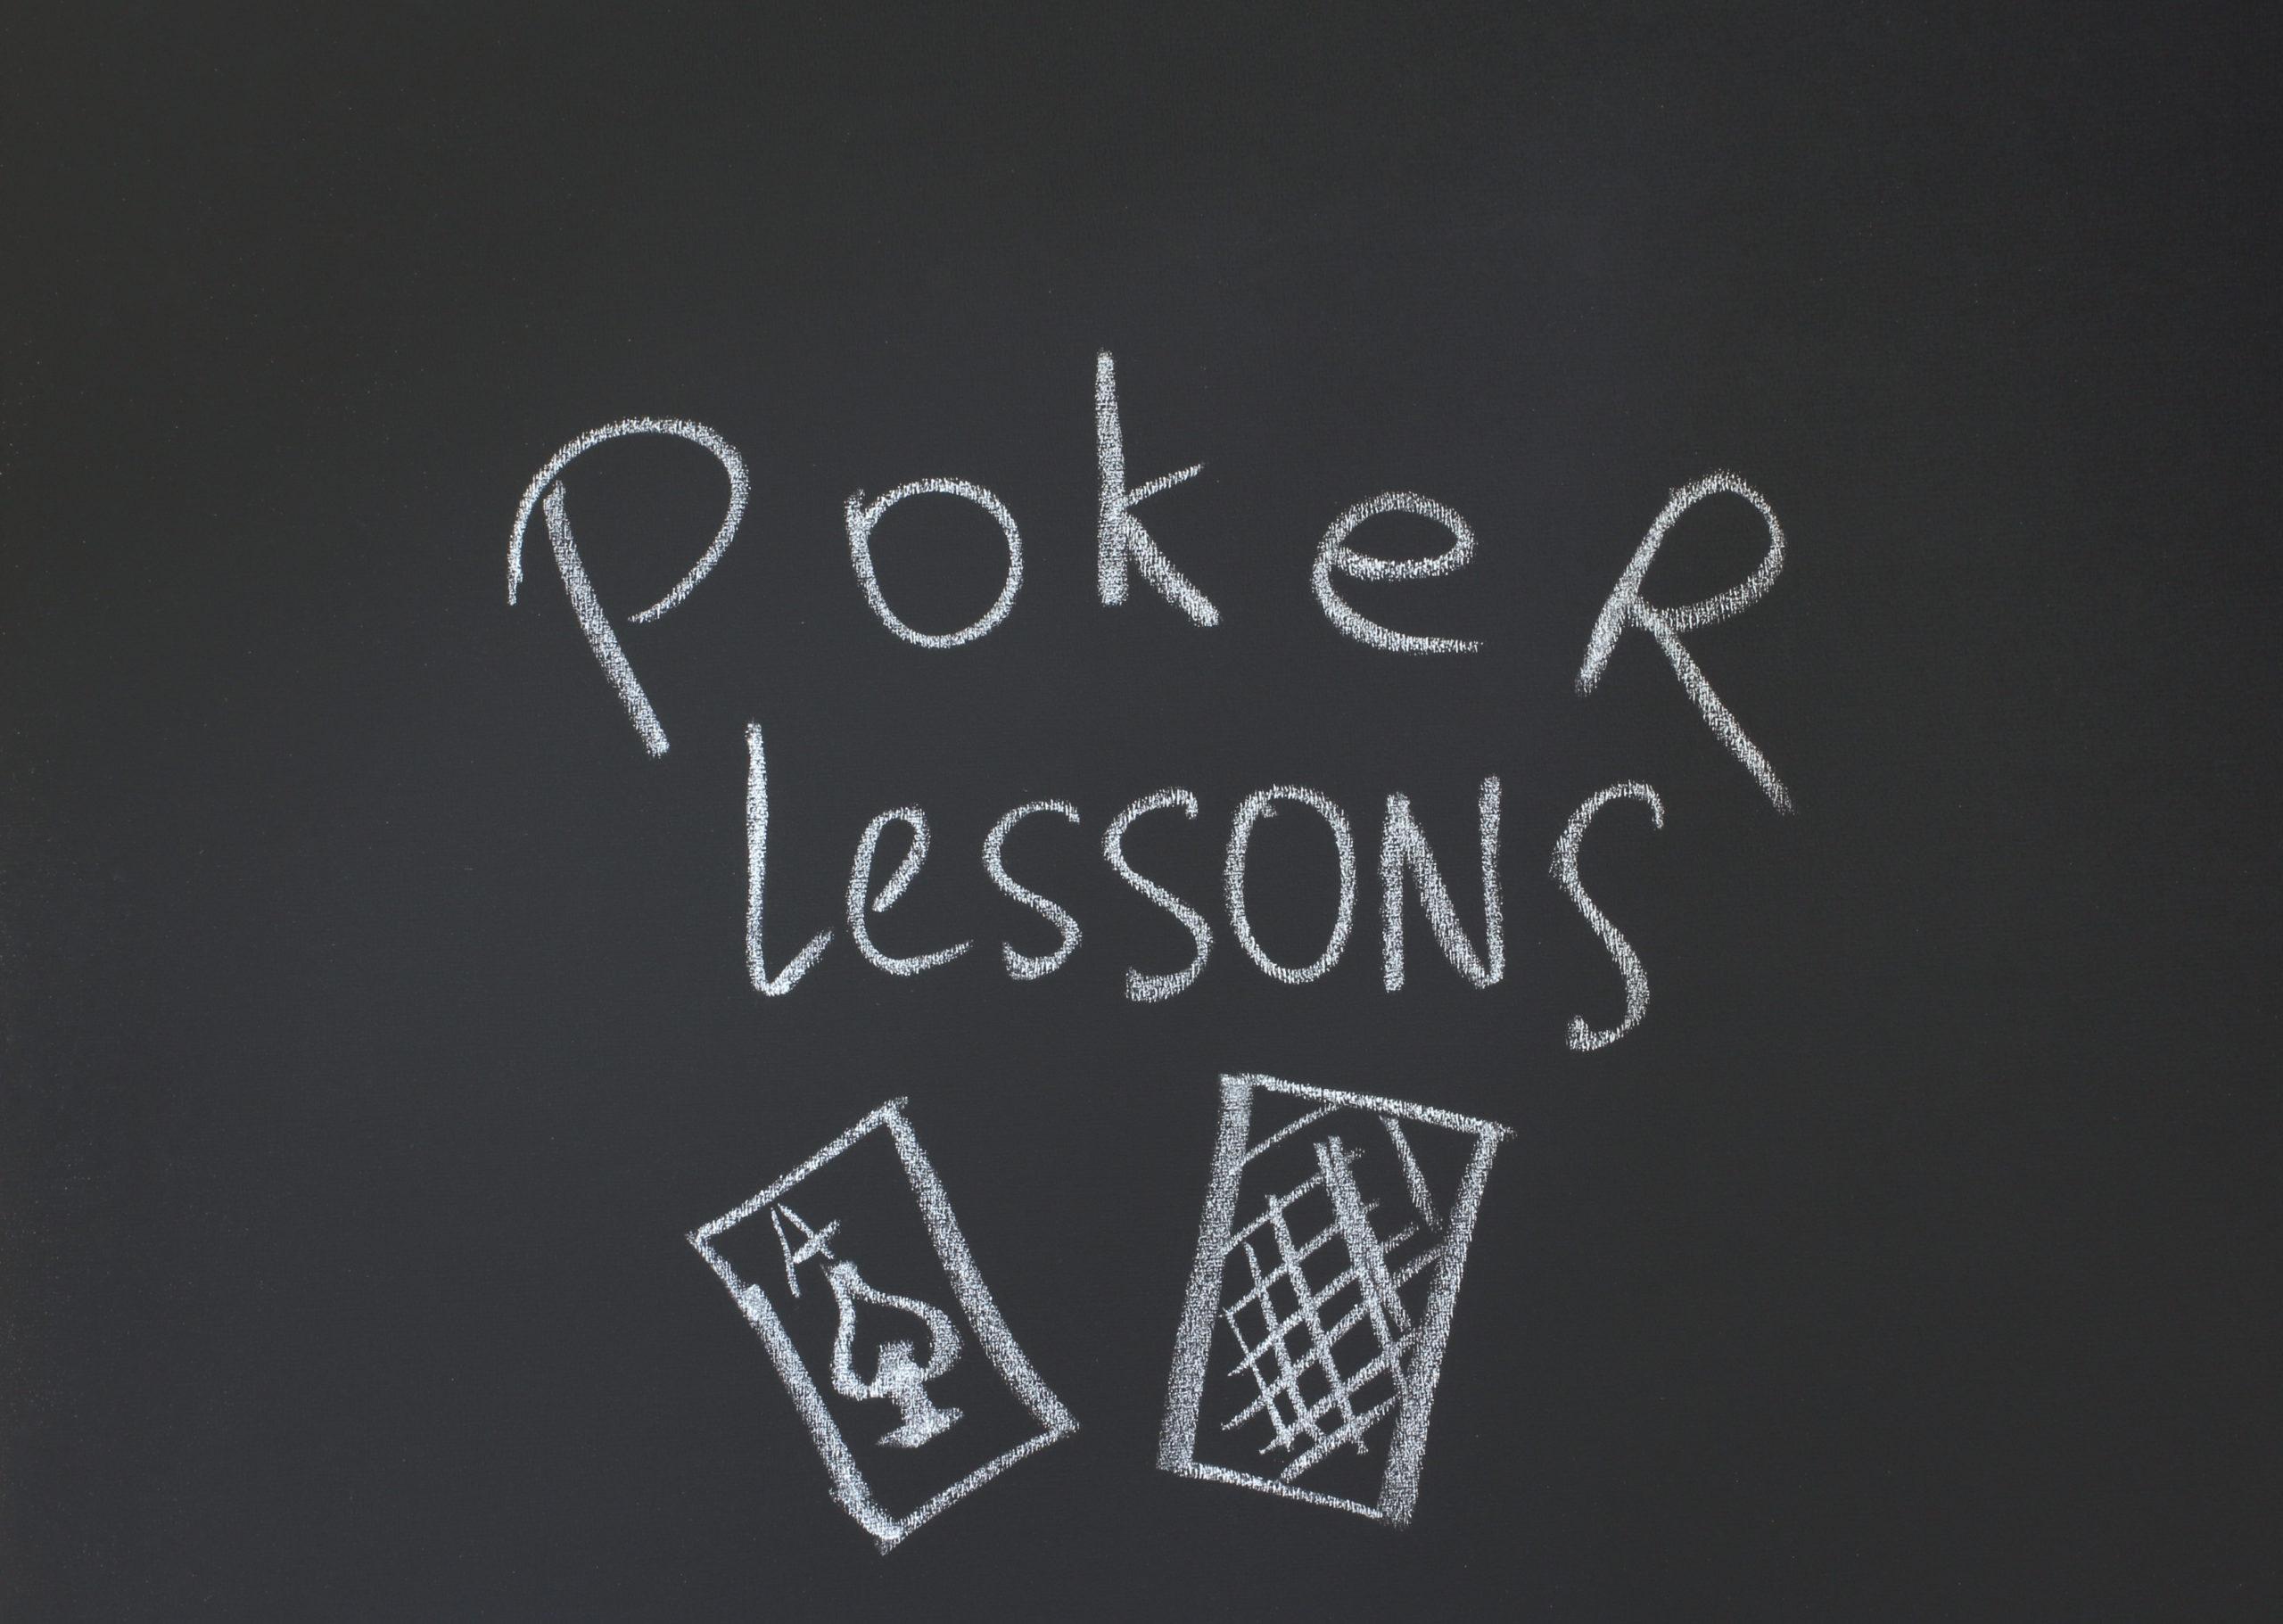 黒板に書かれたポーカーの文字